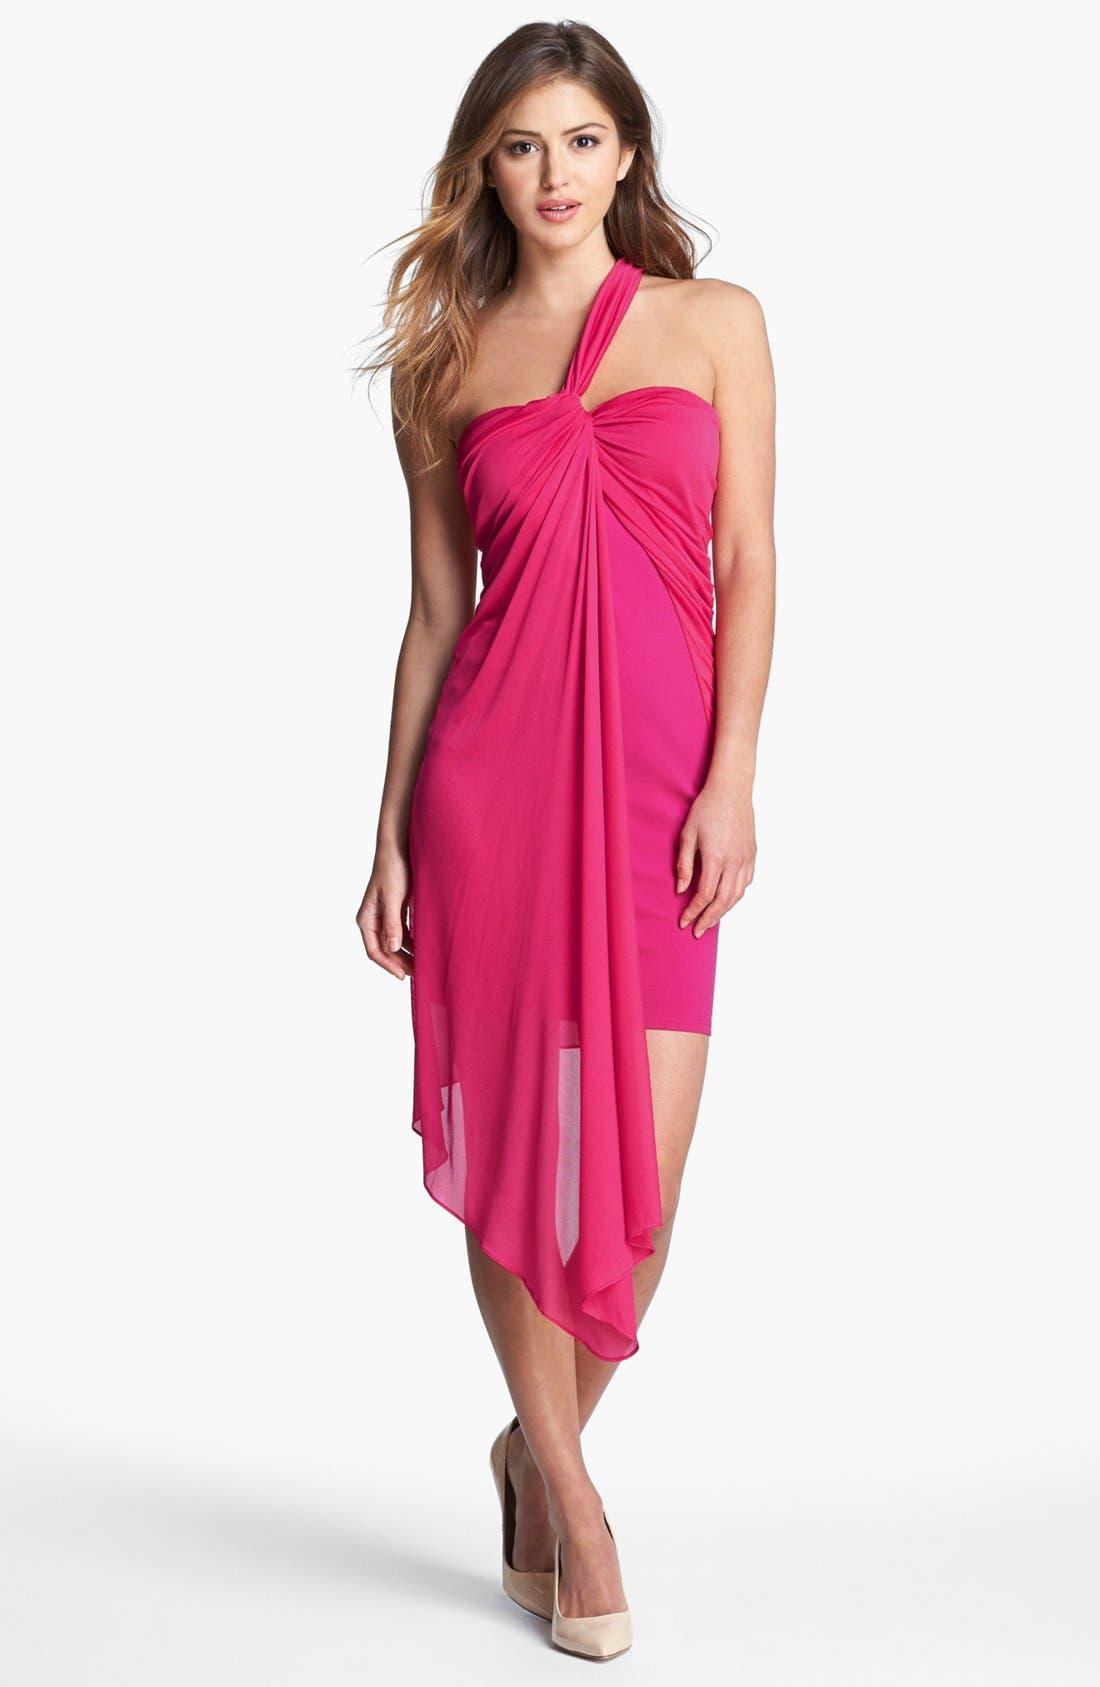 Alternate Image 1 Selected - Halston Heritage One Shoulder Ponte Dress